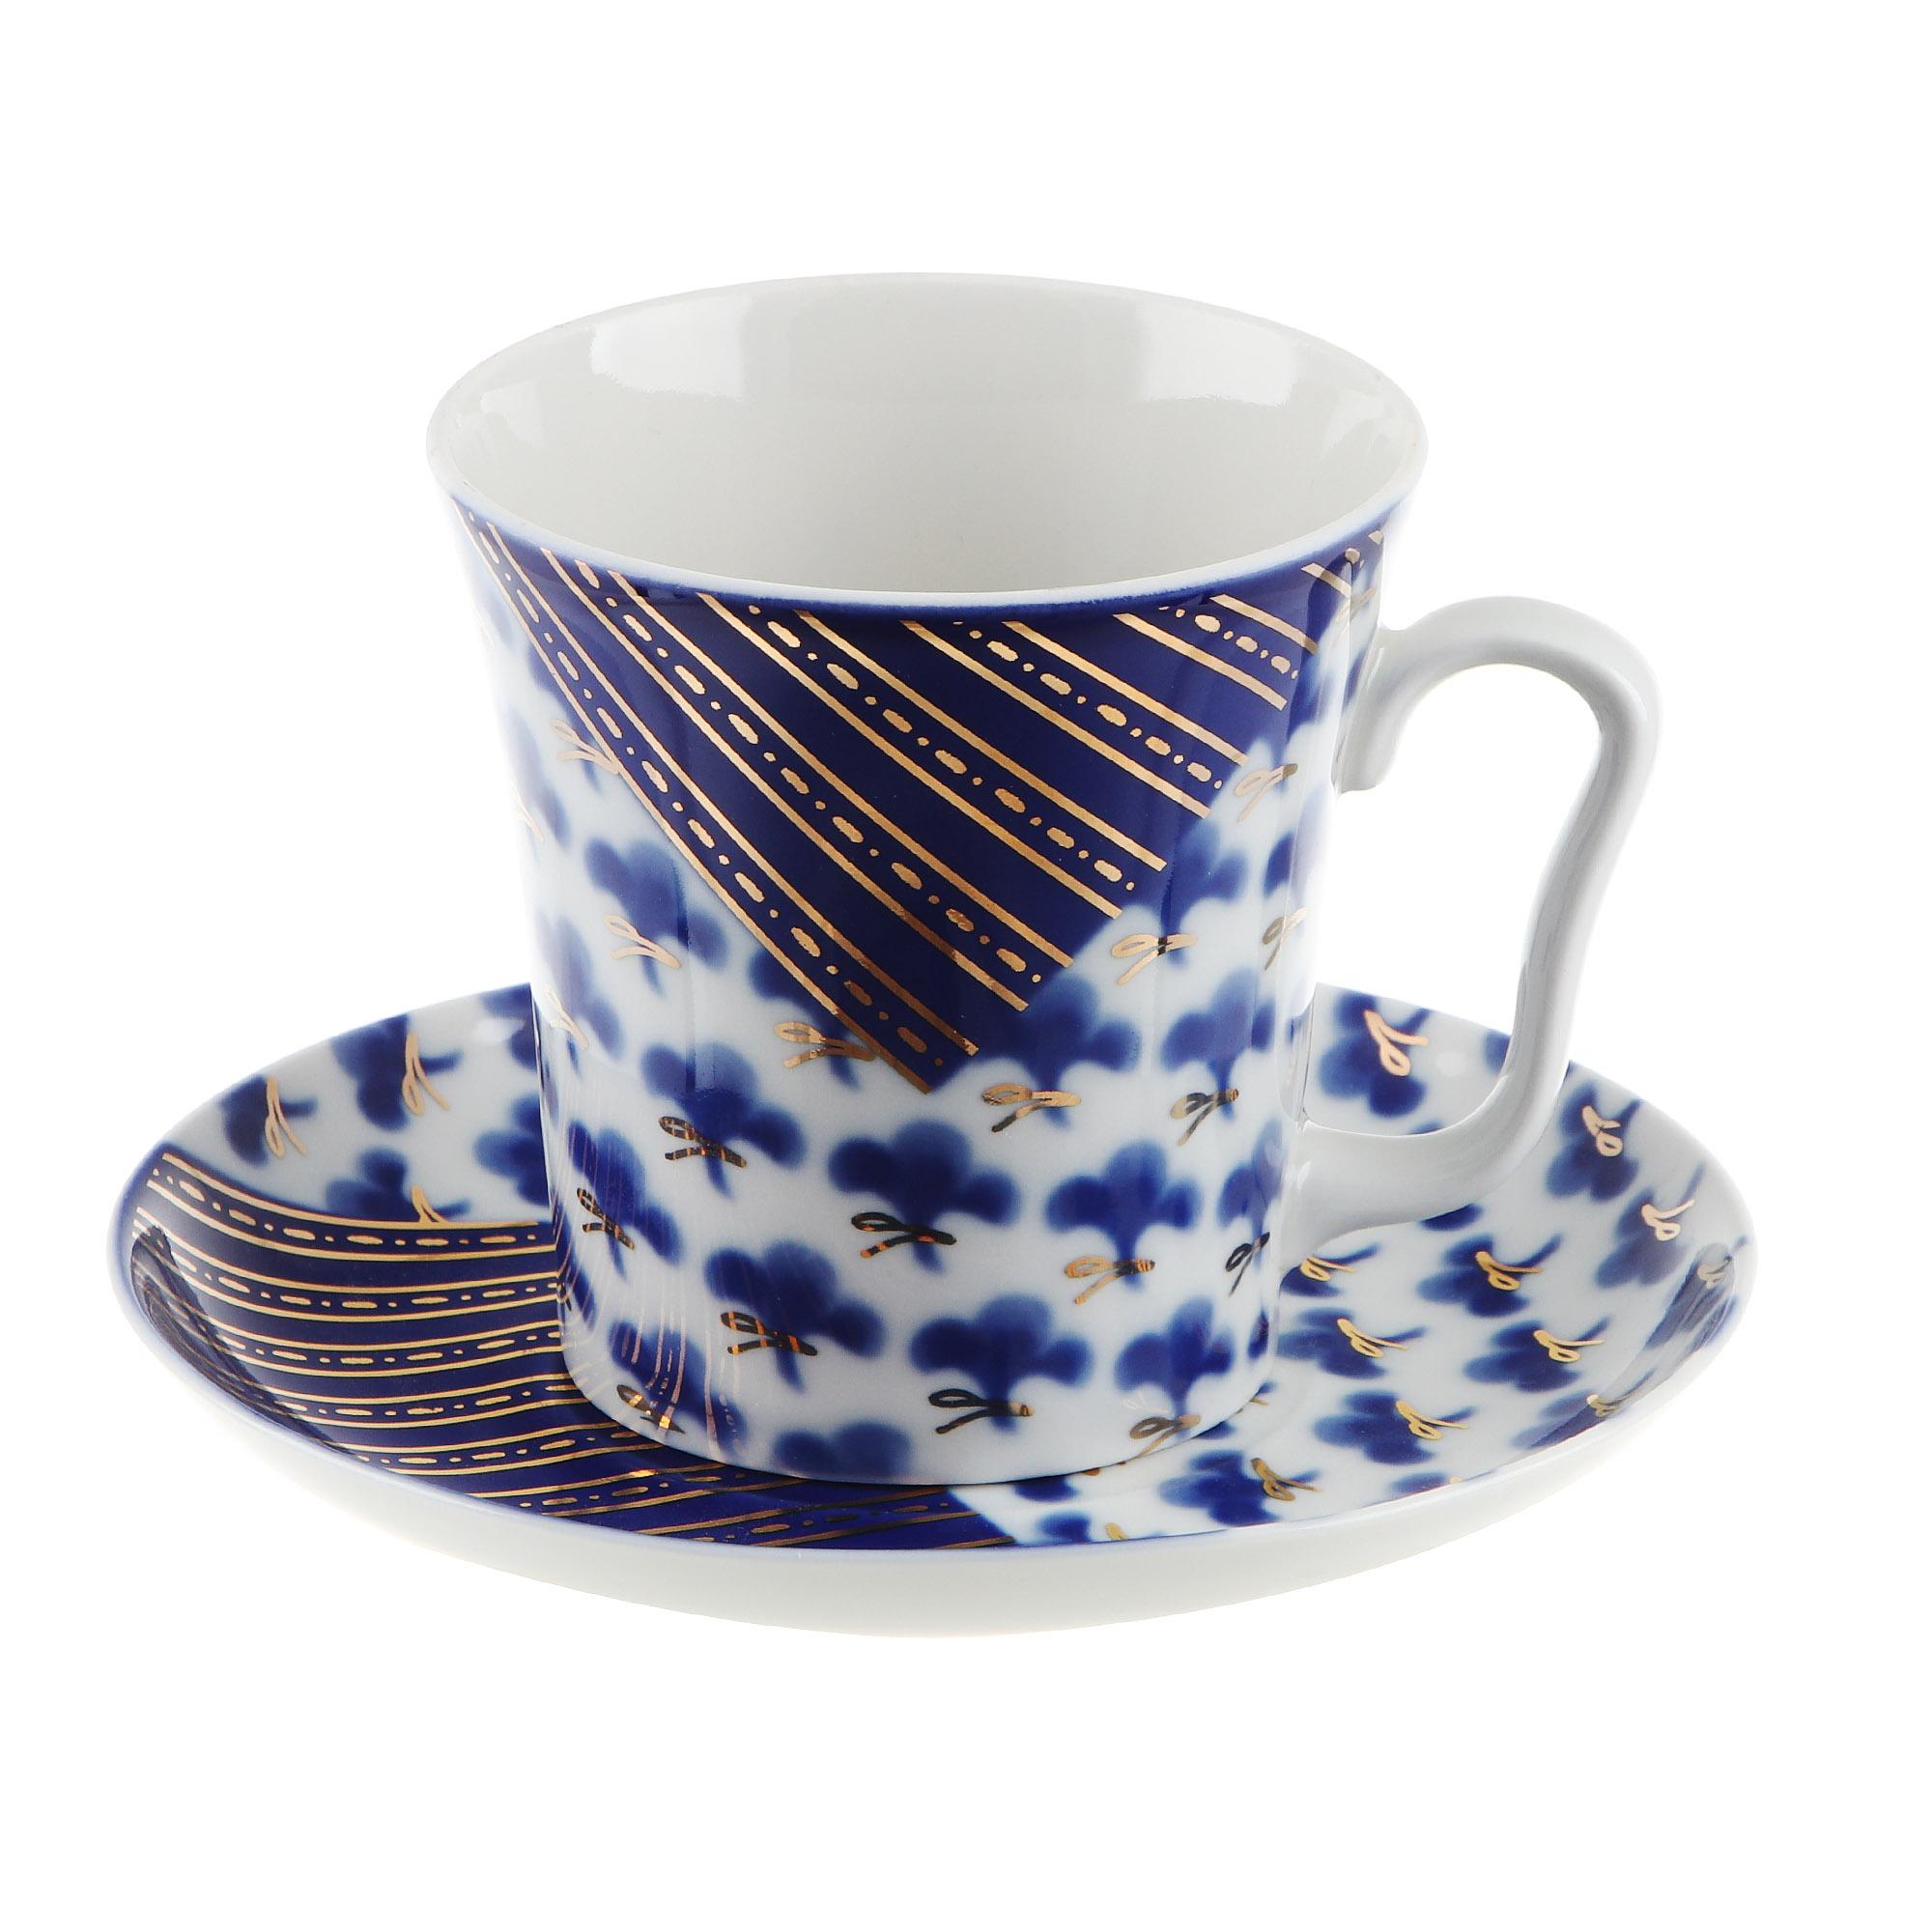 Чайная пара Ифз Окинава фарфор недорого